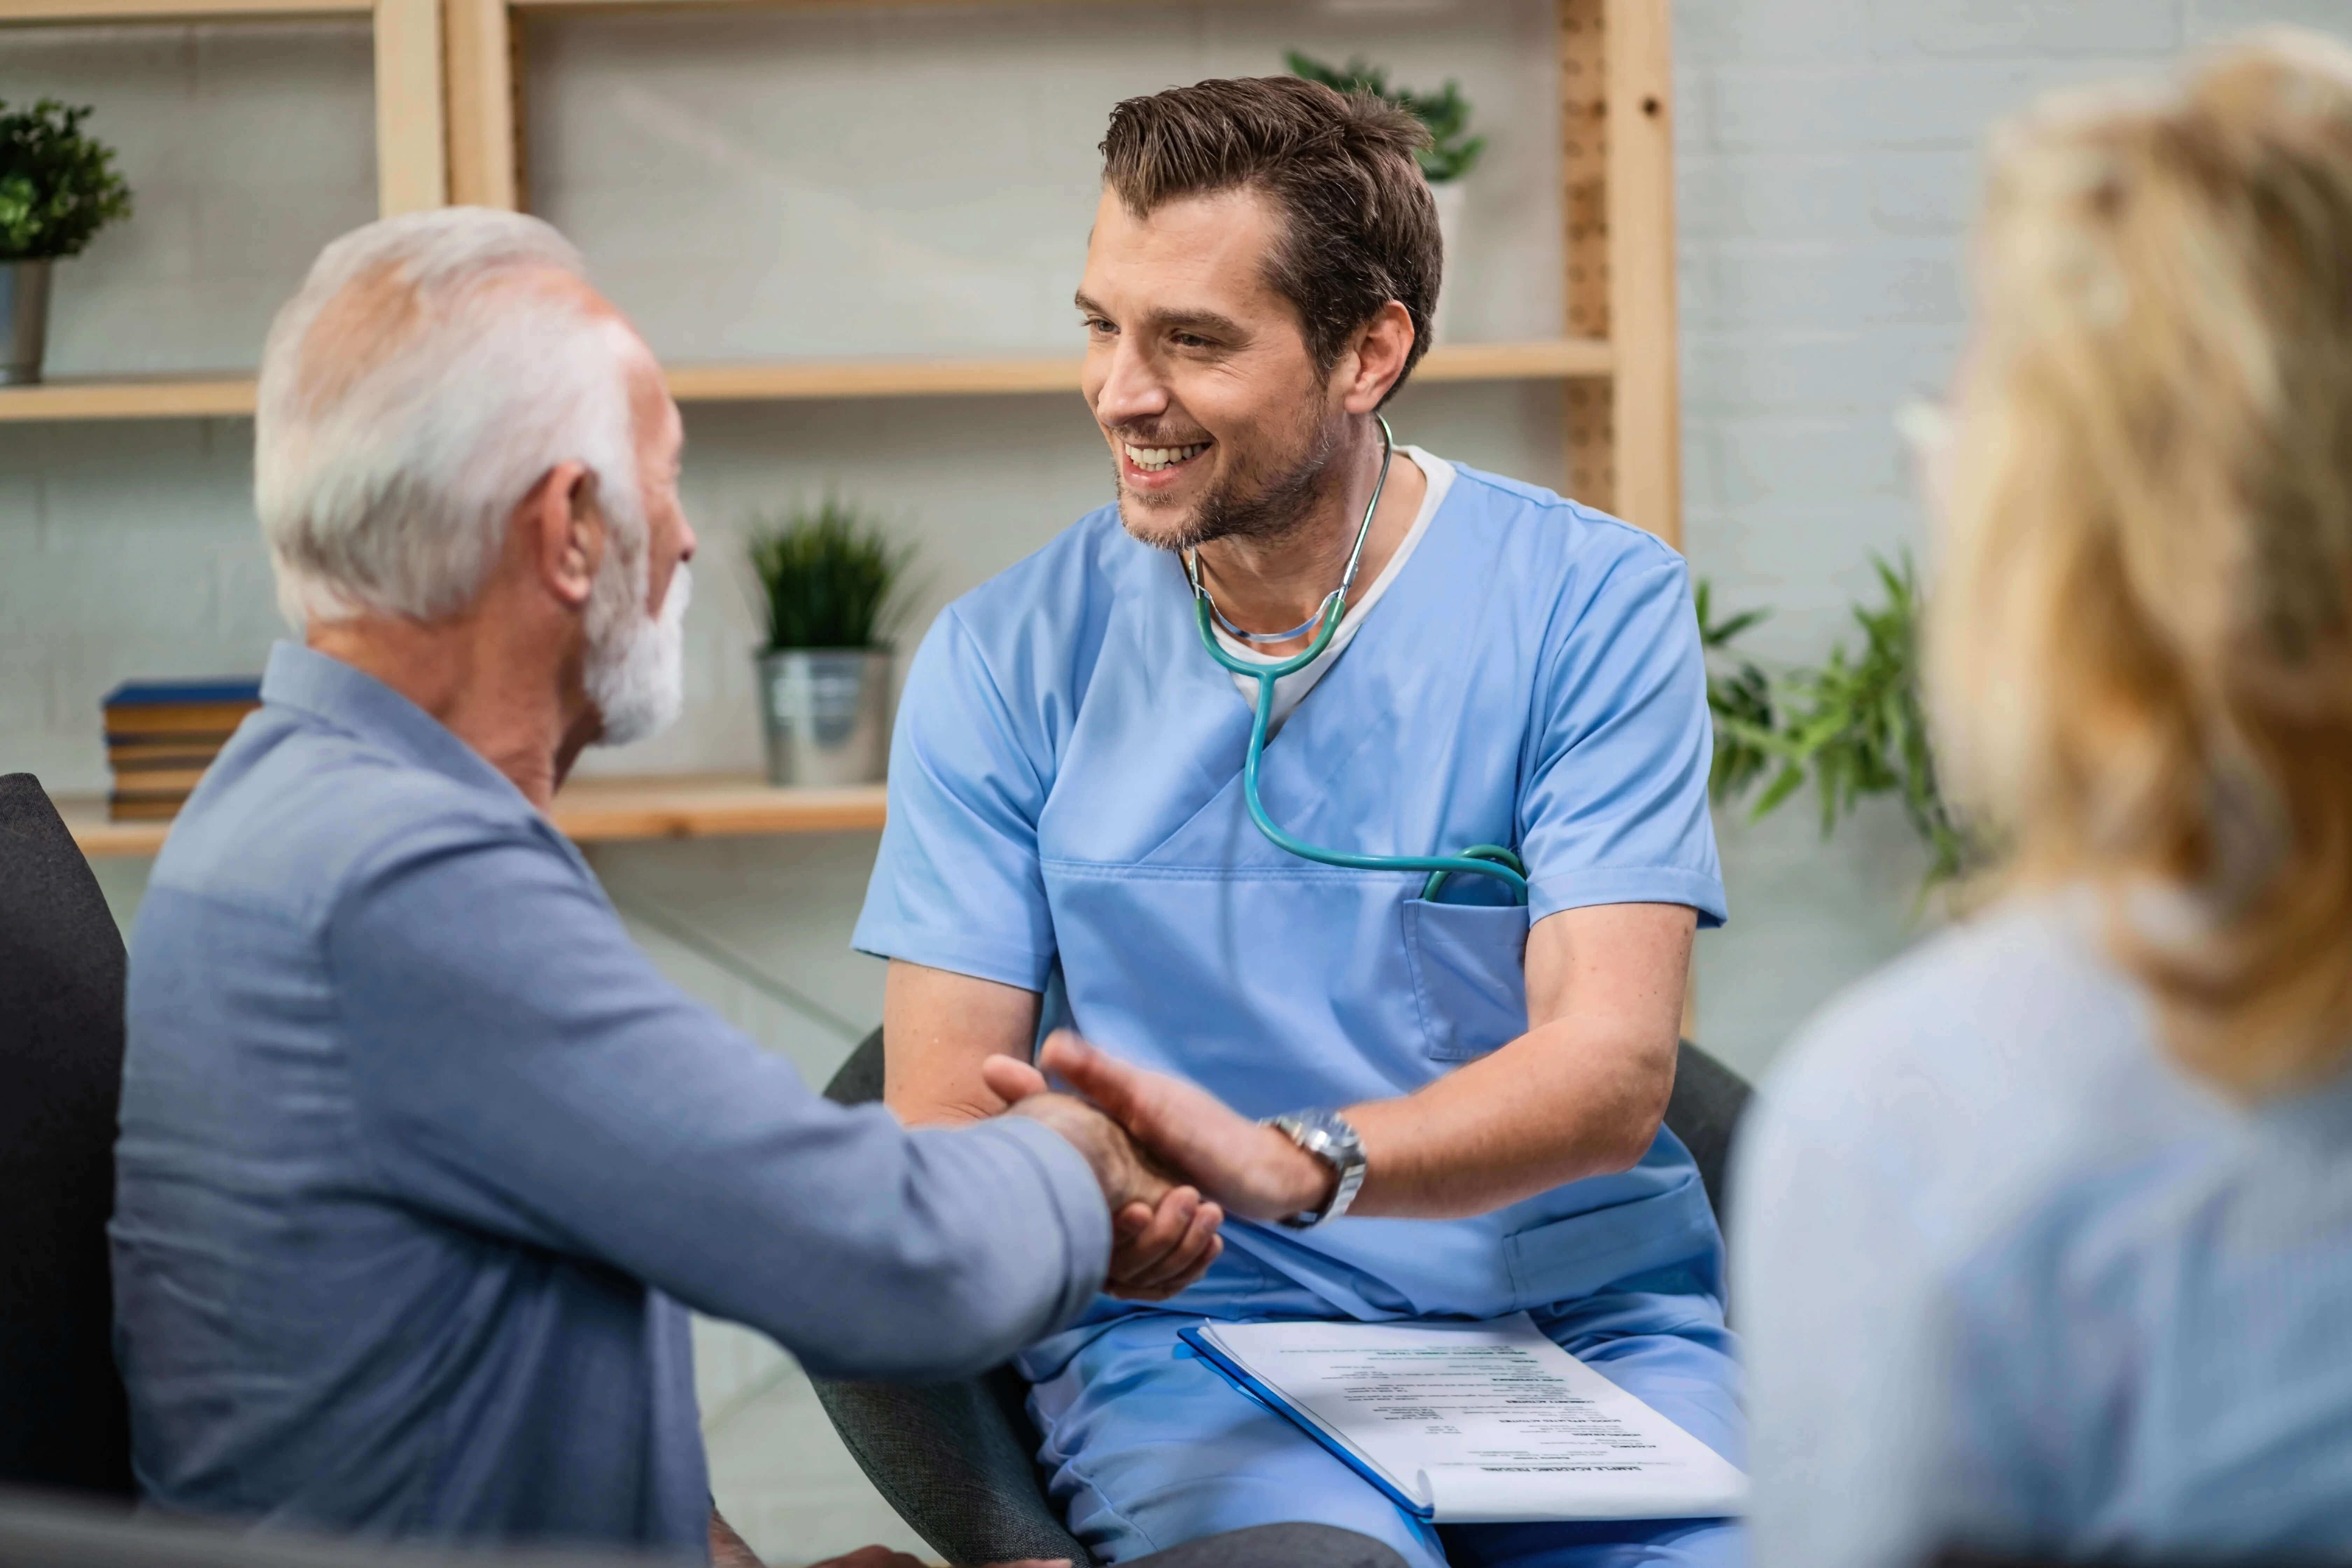 5 principais erros na gestão hospitalar e como evitá-los